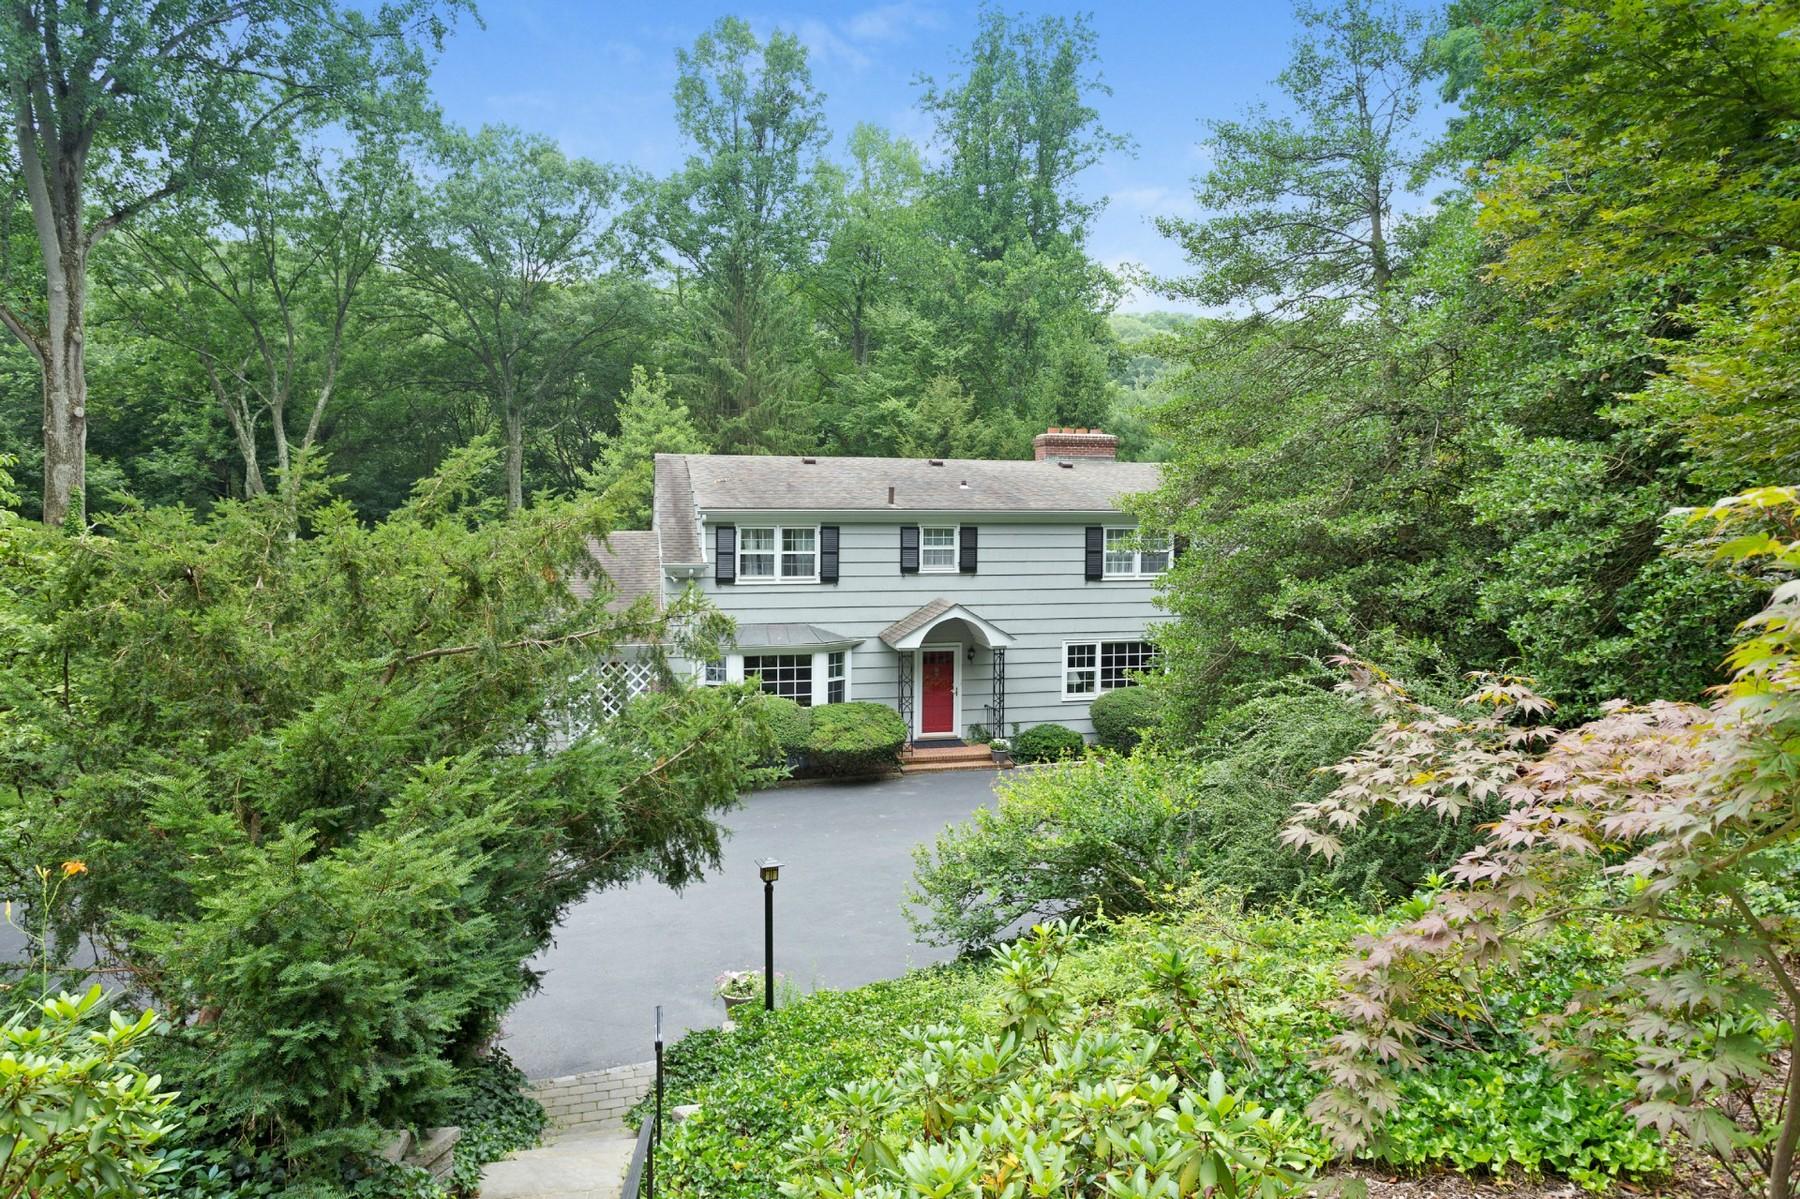 独户住宅 为 销售 在 Colonial 43 Dogwood Ln 卢卡斯特谷, 纽约州, 11560 美国